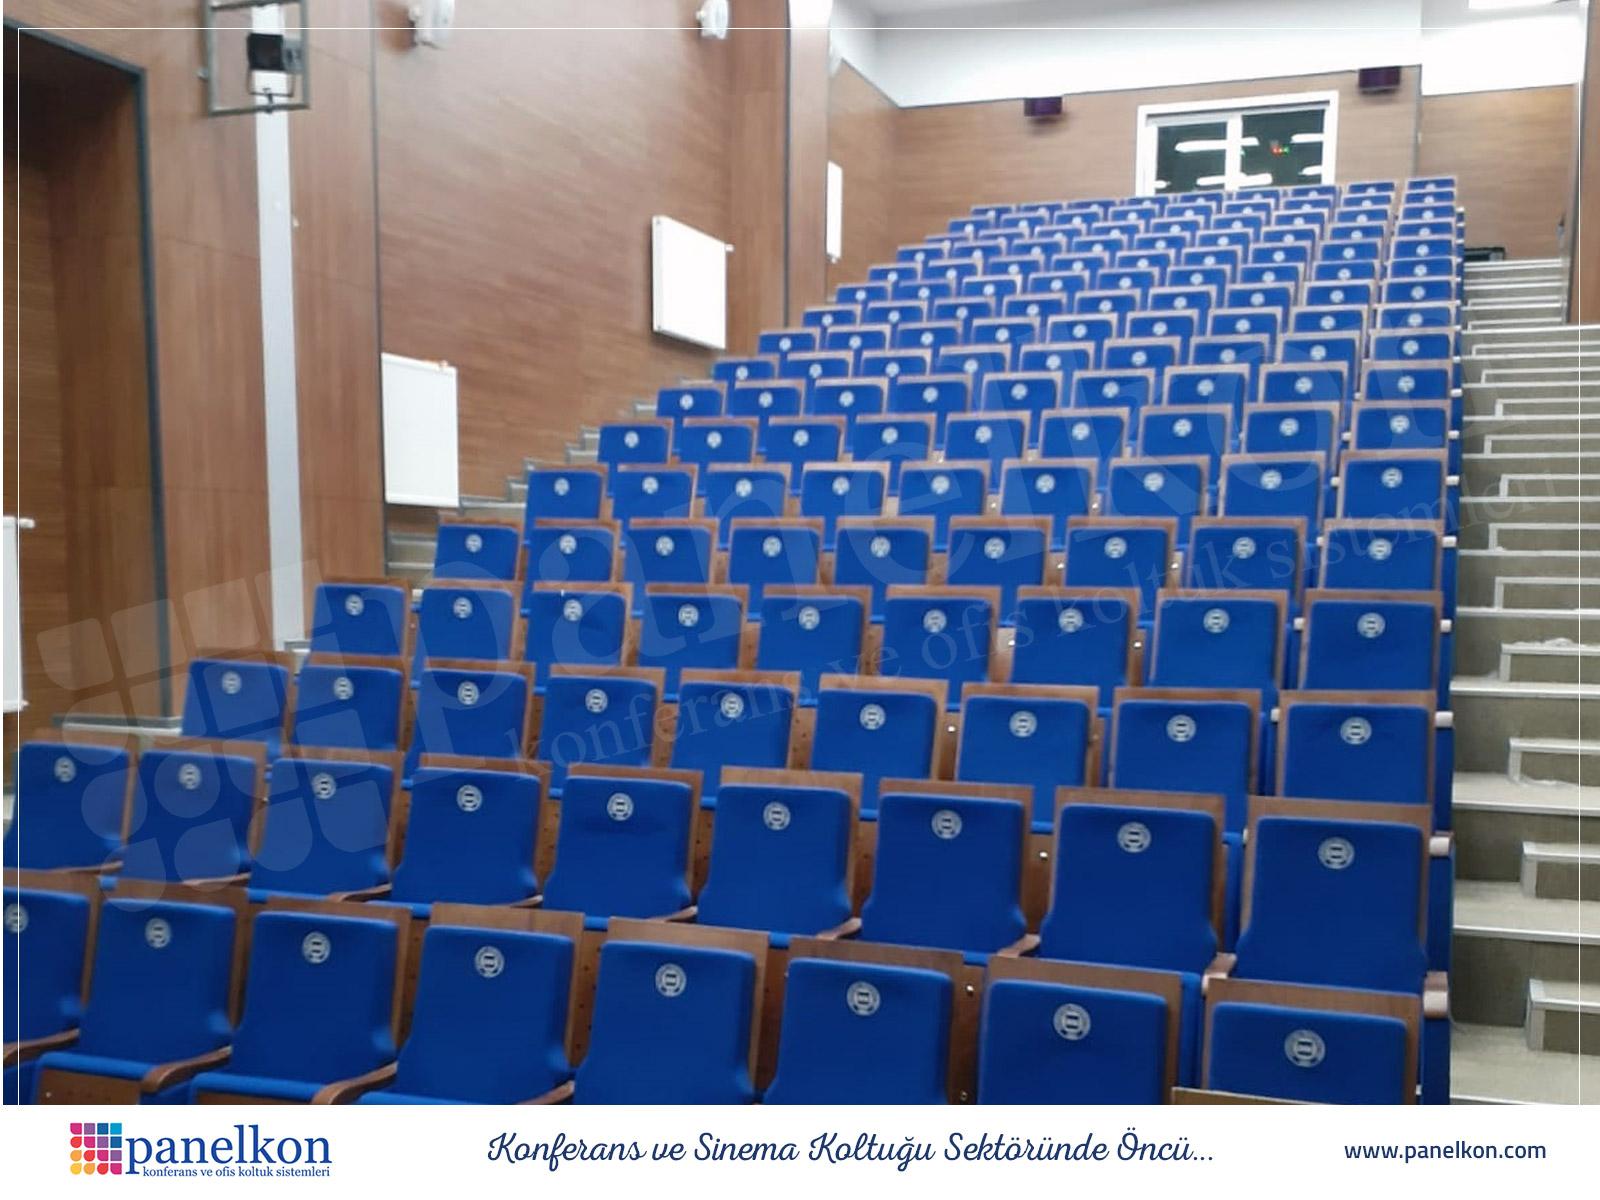 maramara üniversitesi göztepe kampüsü hukuk fakültesi konferans salonu koltukları